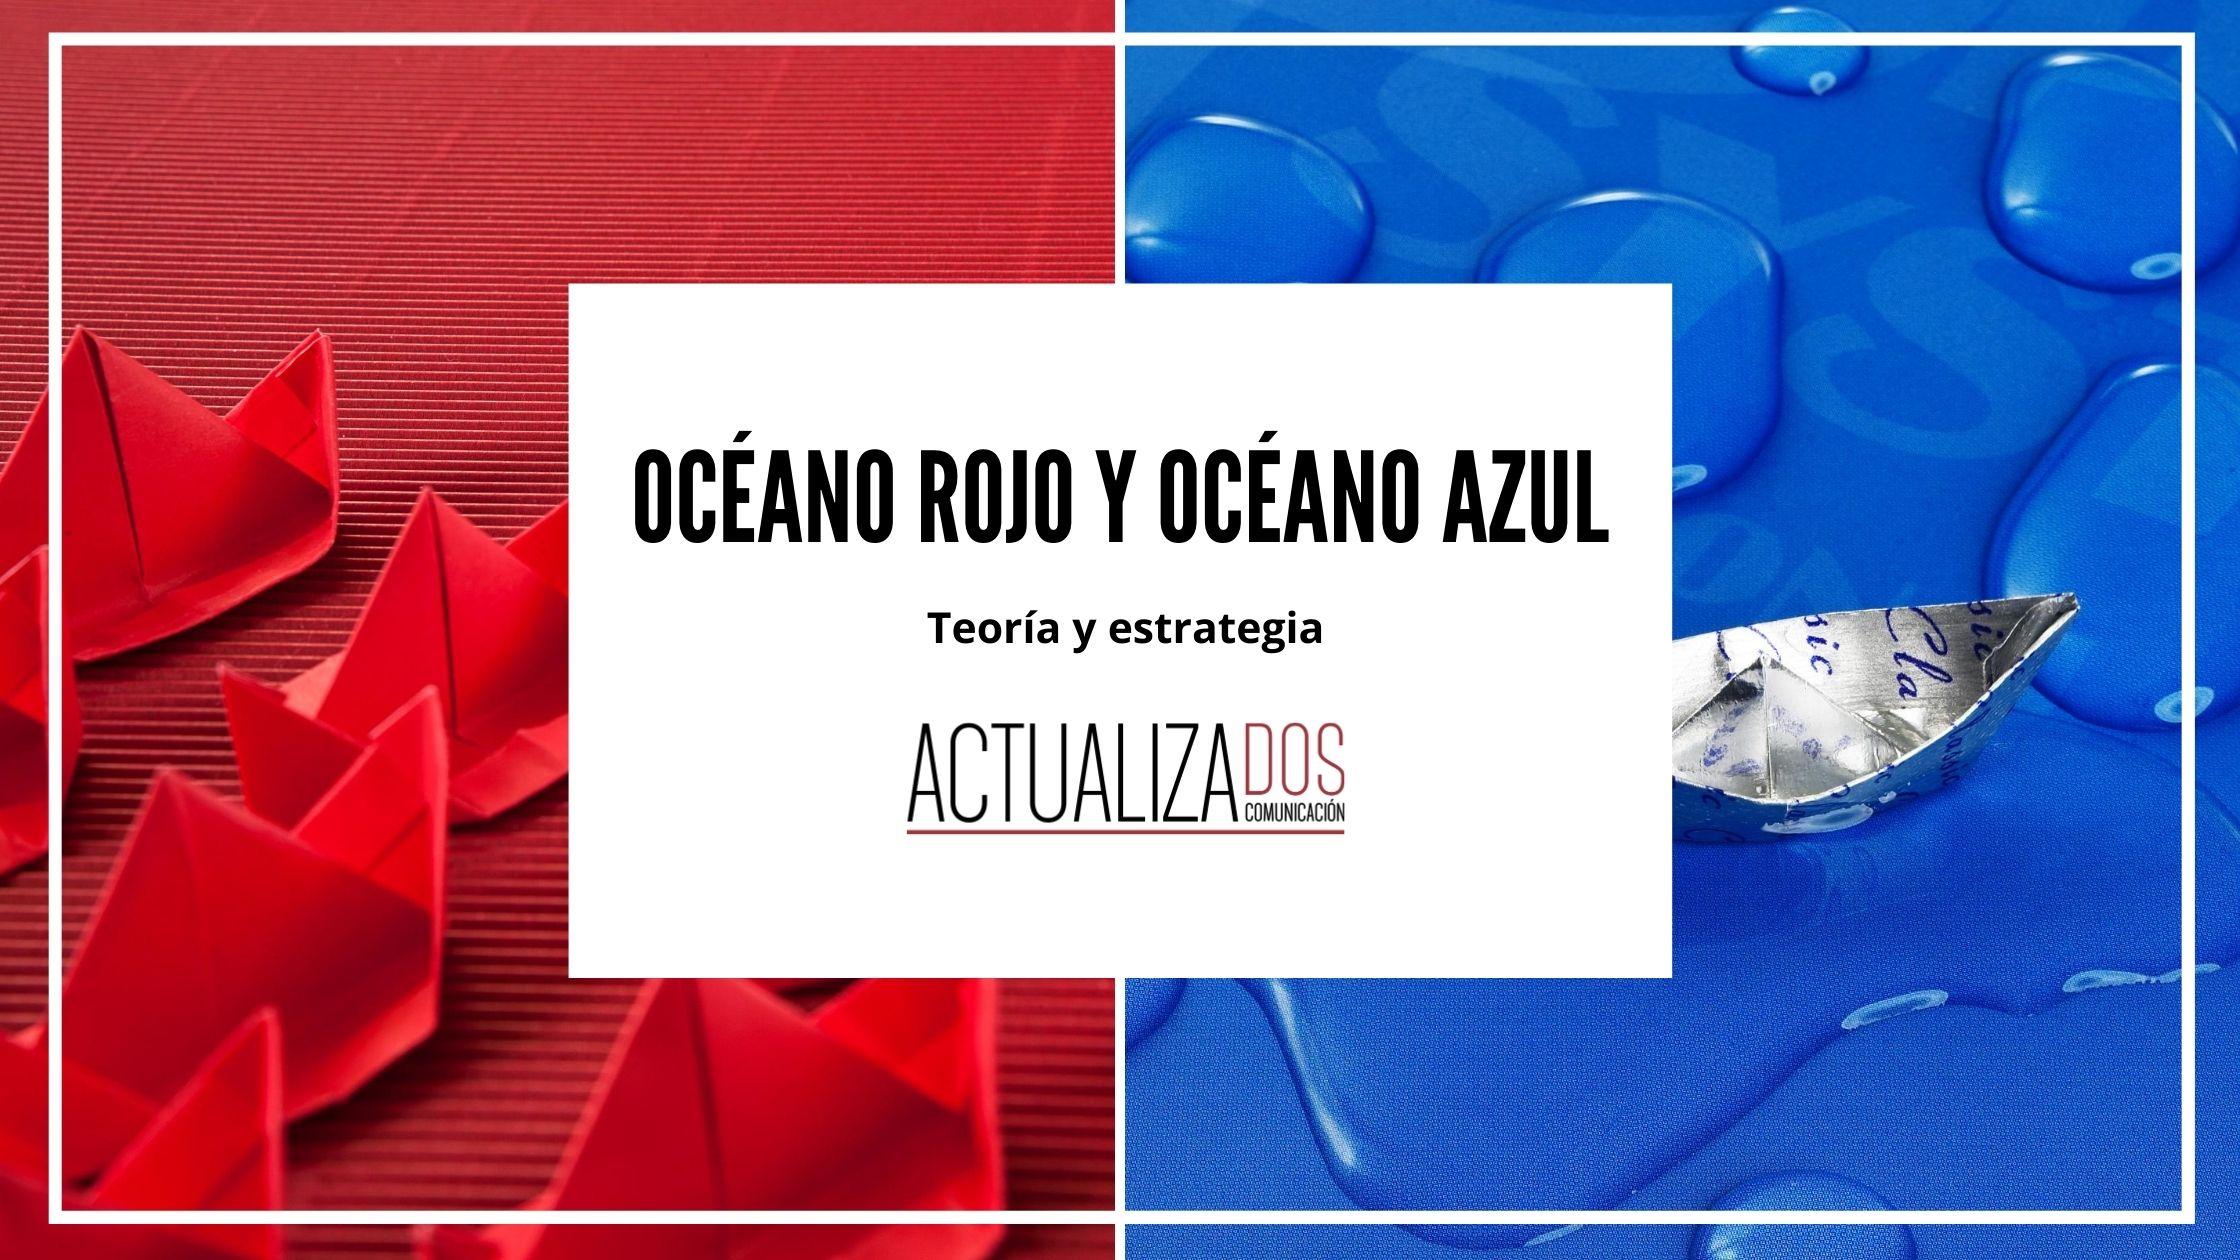 Océano Azul y Océano Rojo: ¿dónde prefieres nadar?